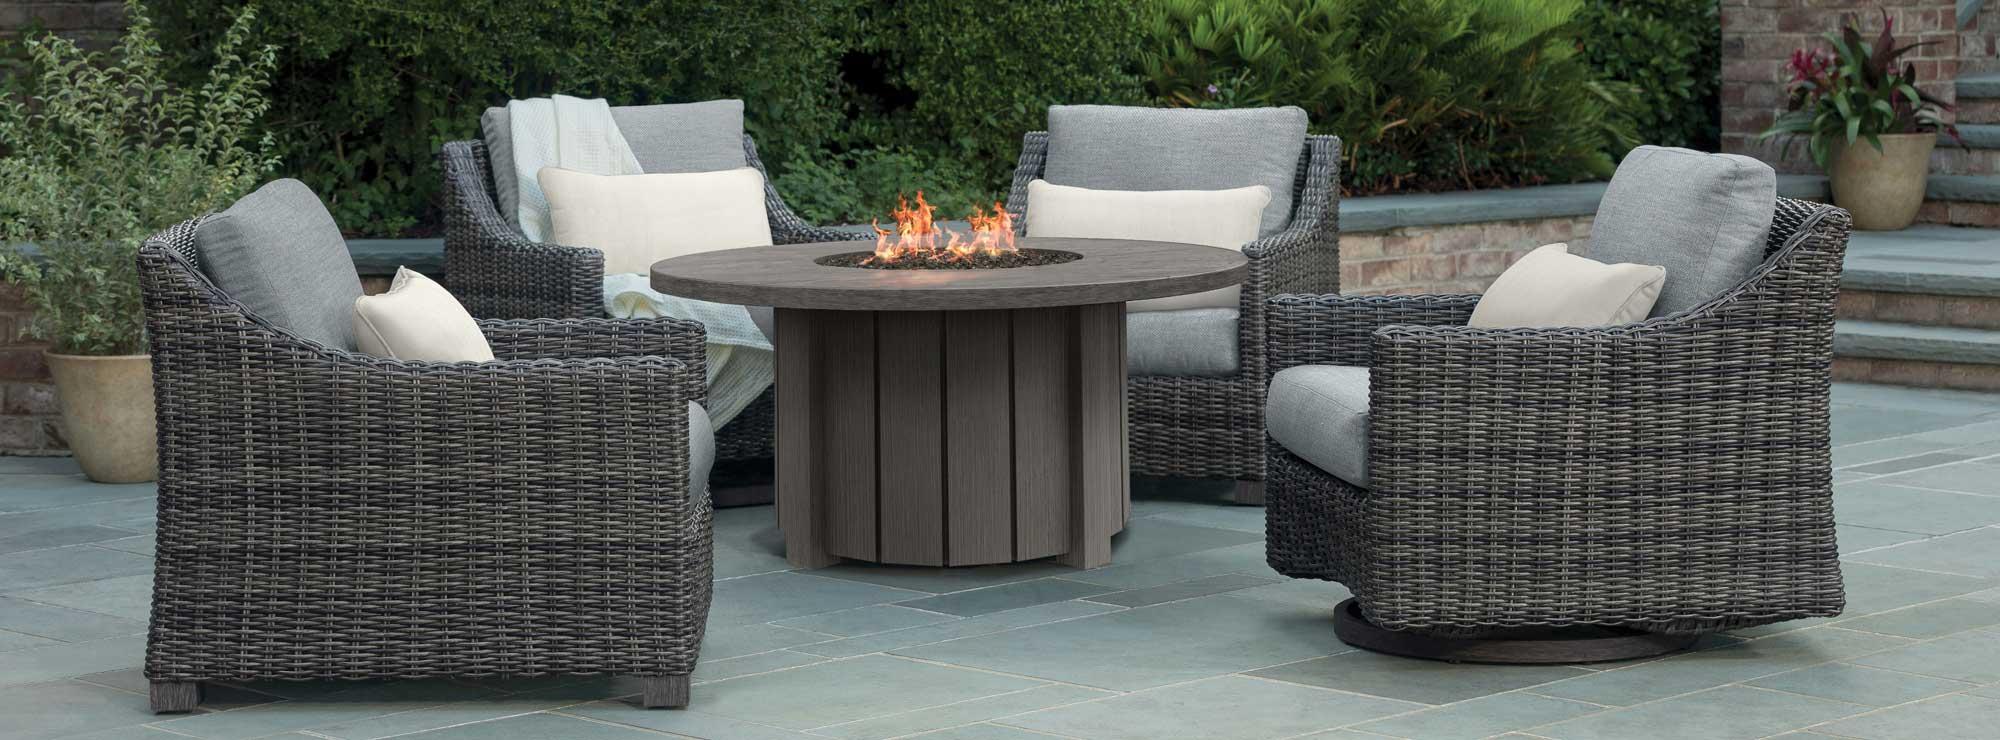 avallon patio fire pit set